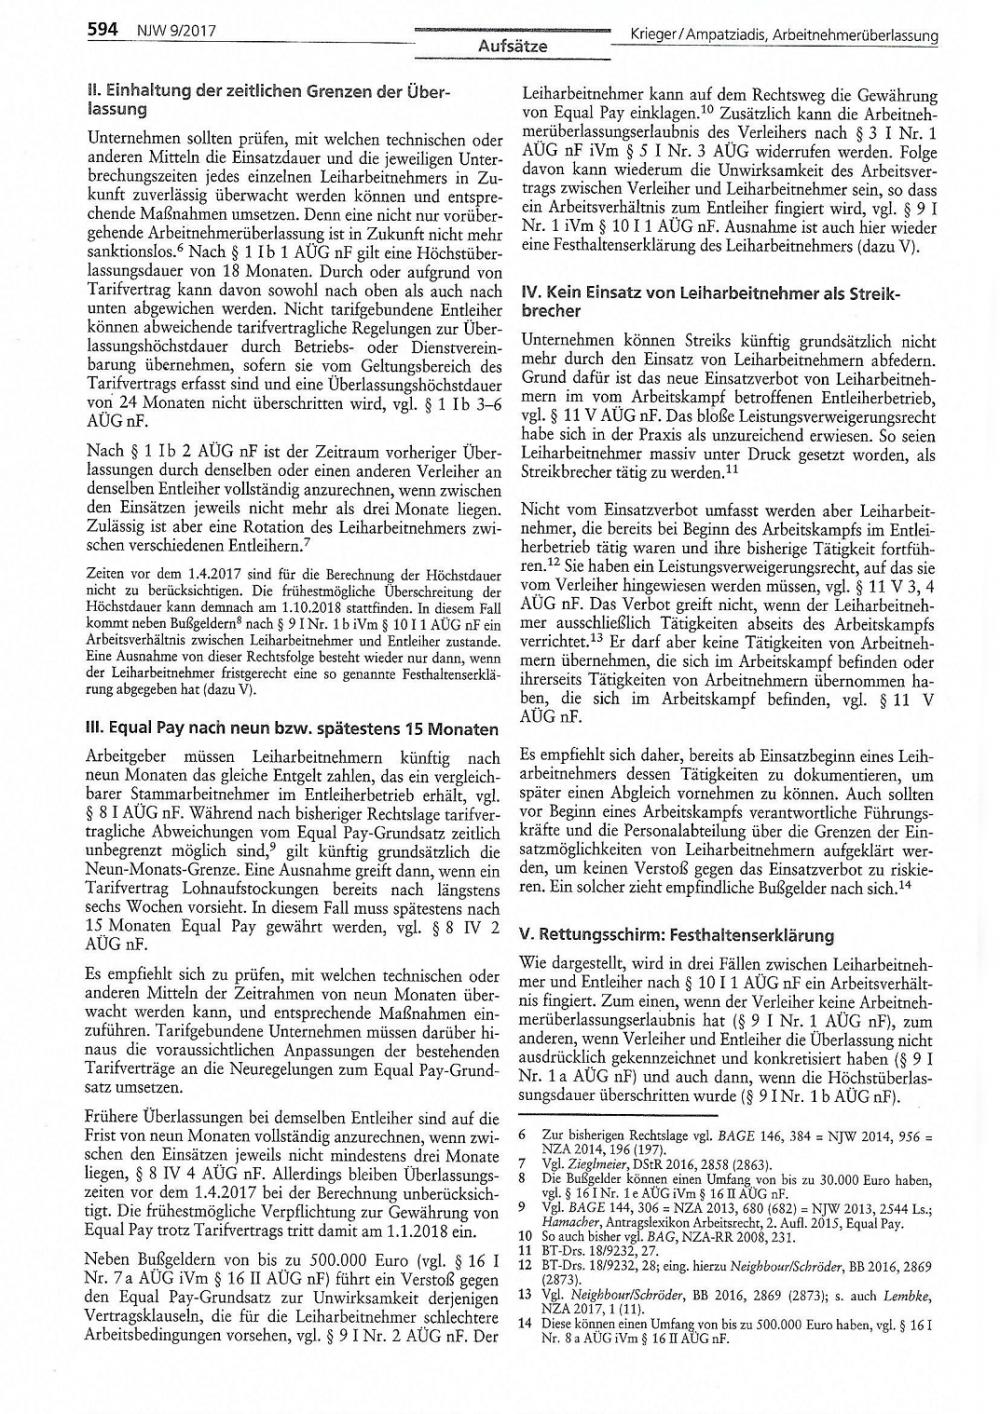 Reform des AÜG zum 01.04.2017